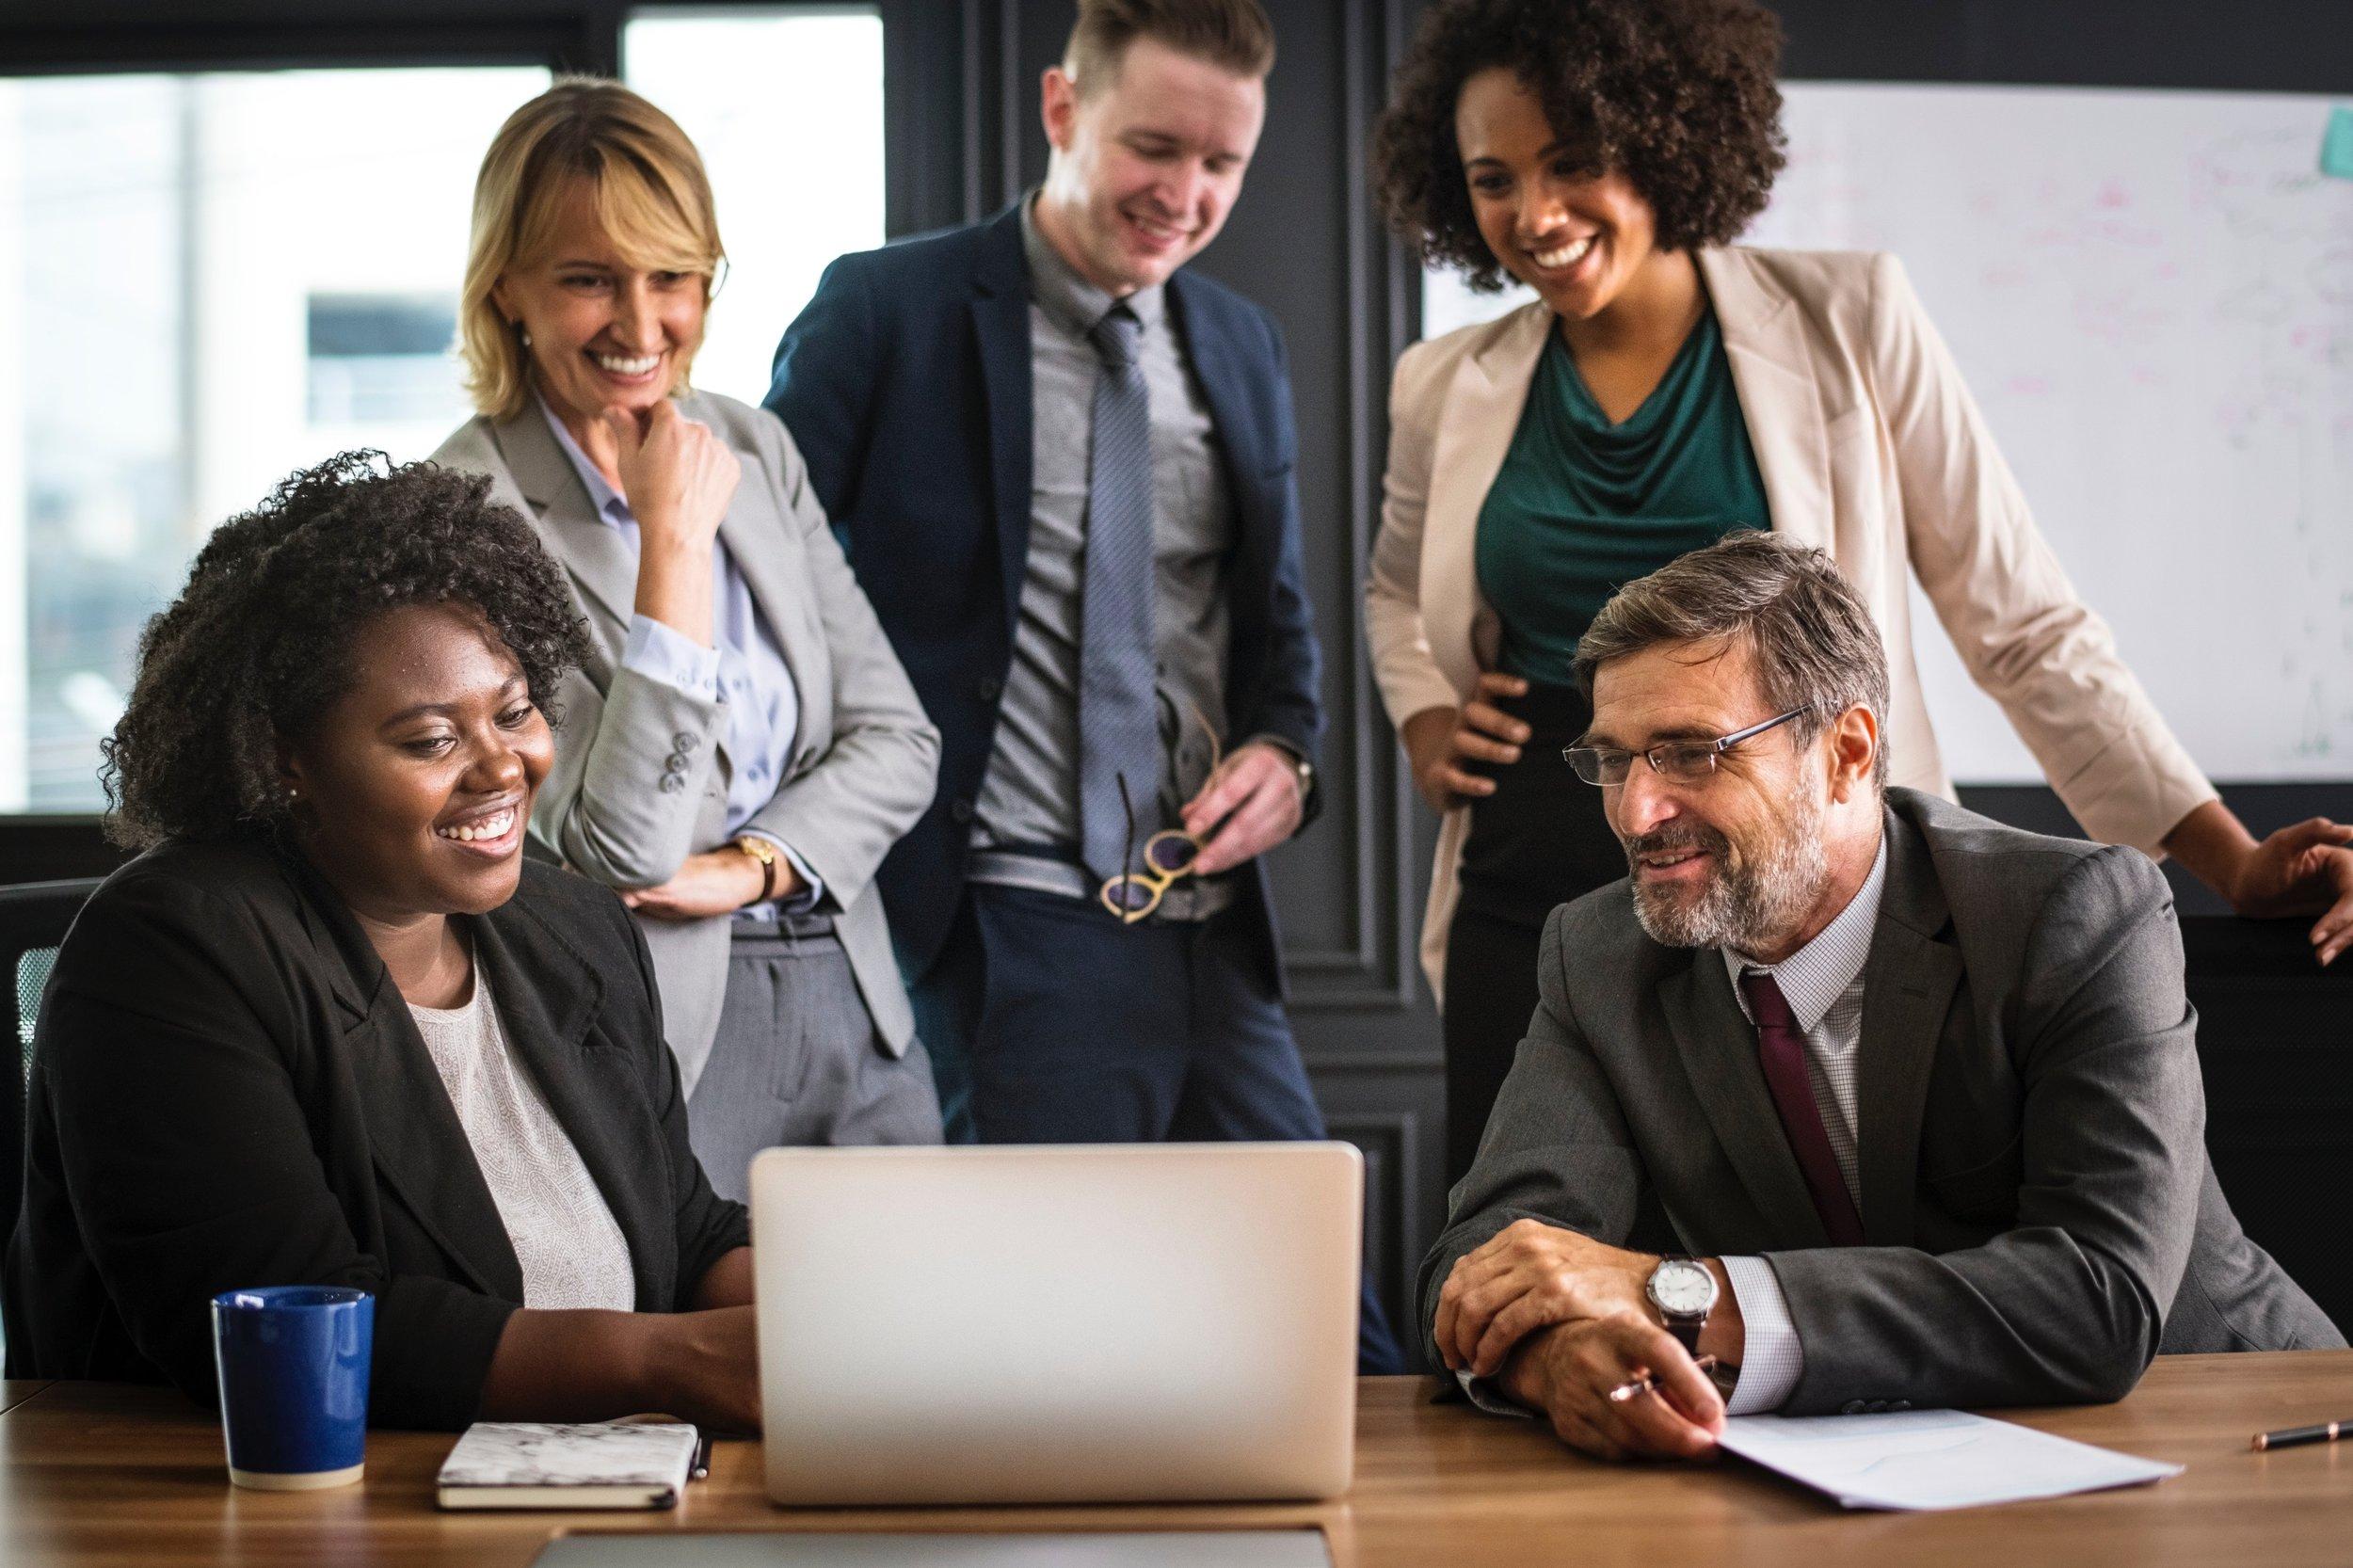 analyzing-brainstorming-business-people-1124062.jpg